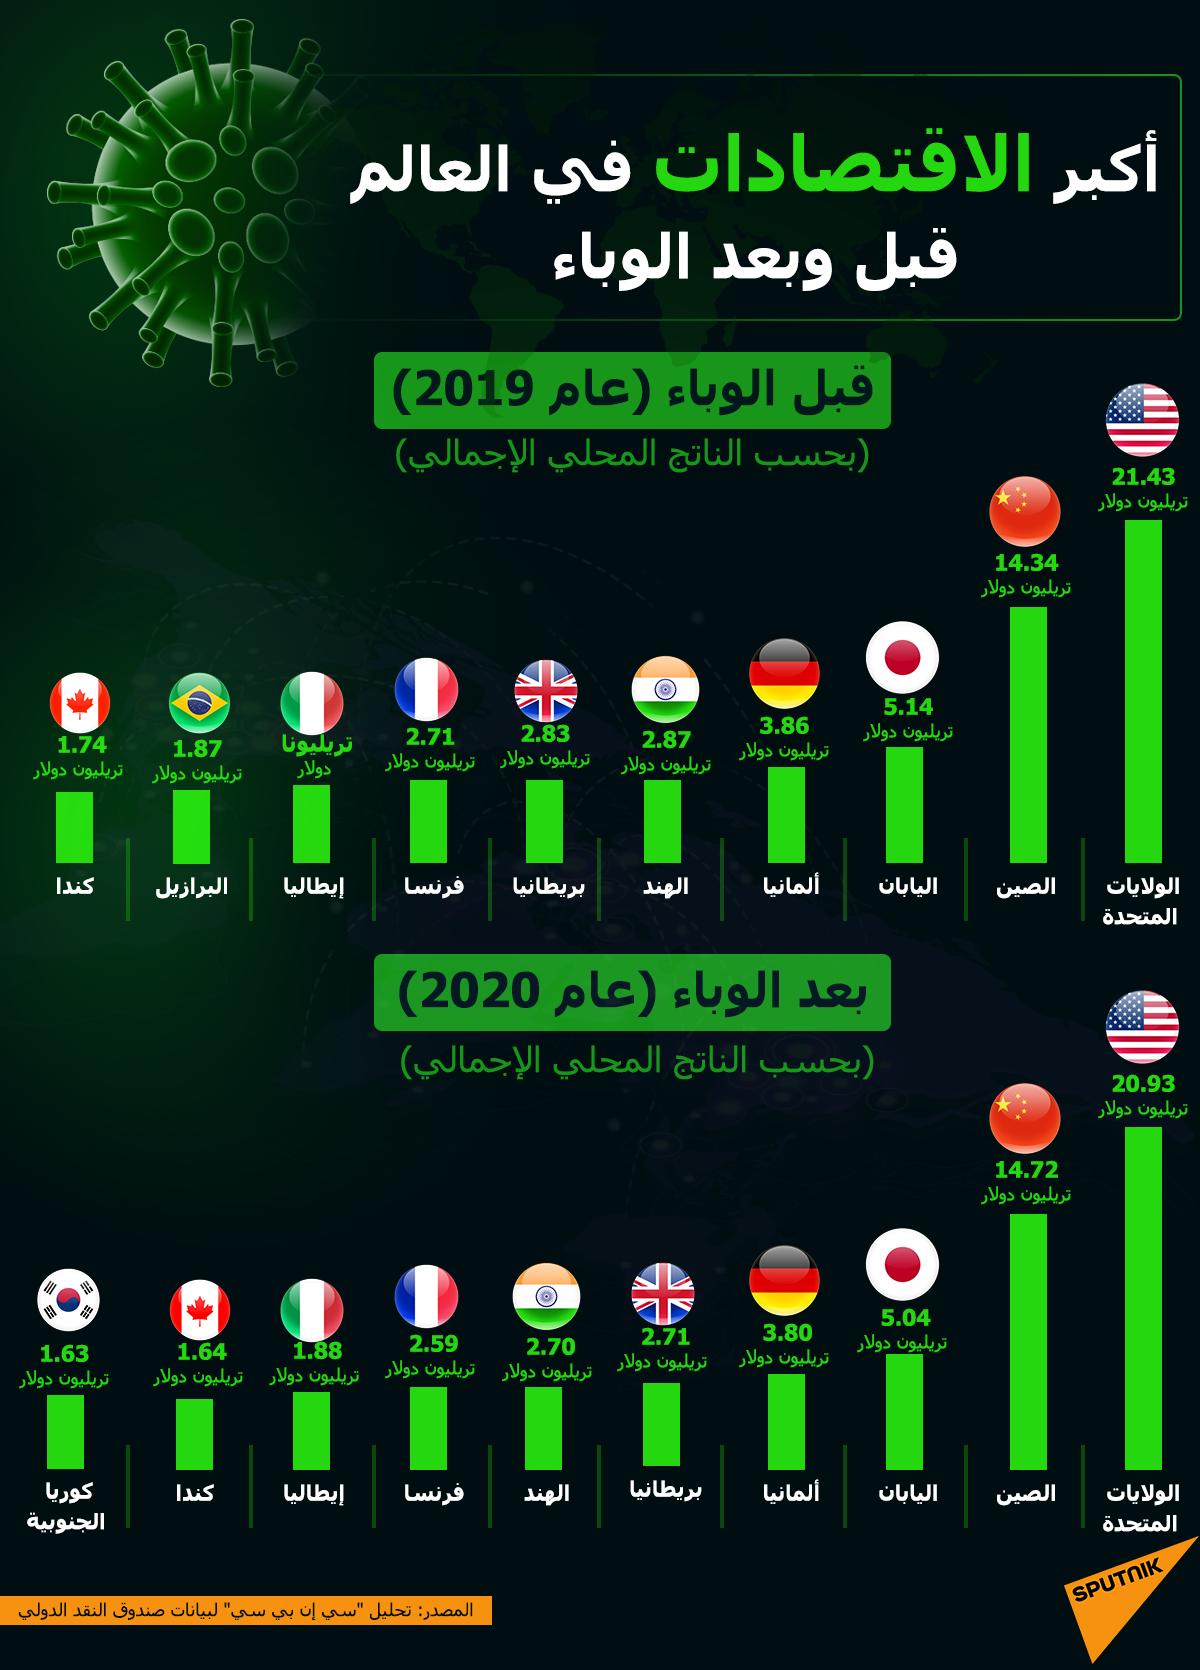 أكبر الاقتصادات في العالم قبل وبعد وباء كورونا